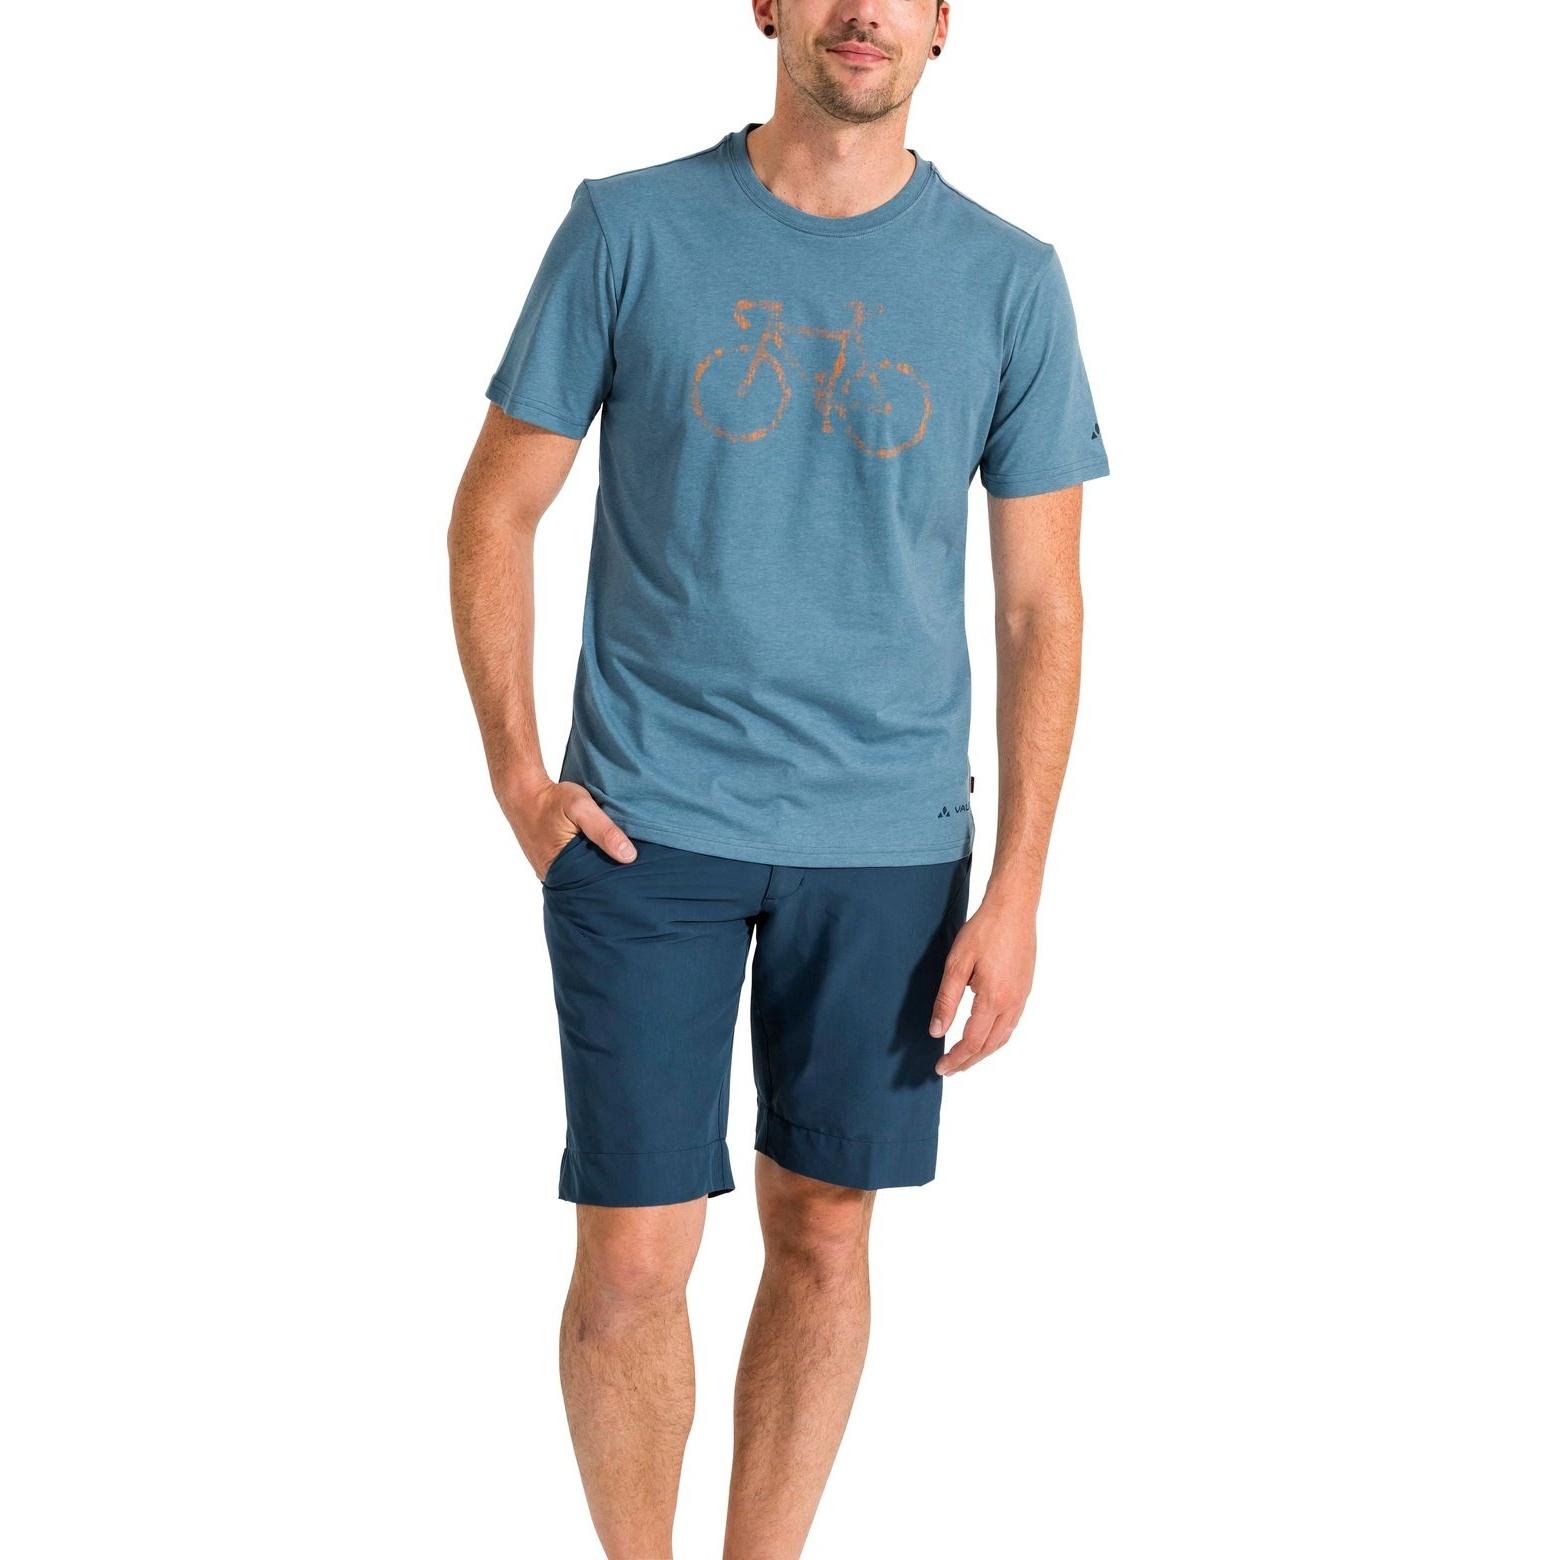 Bild von Vaude Cyclist T-Shirt V - bluegrey